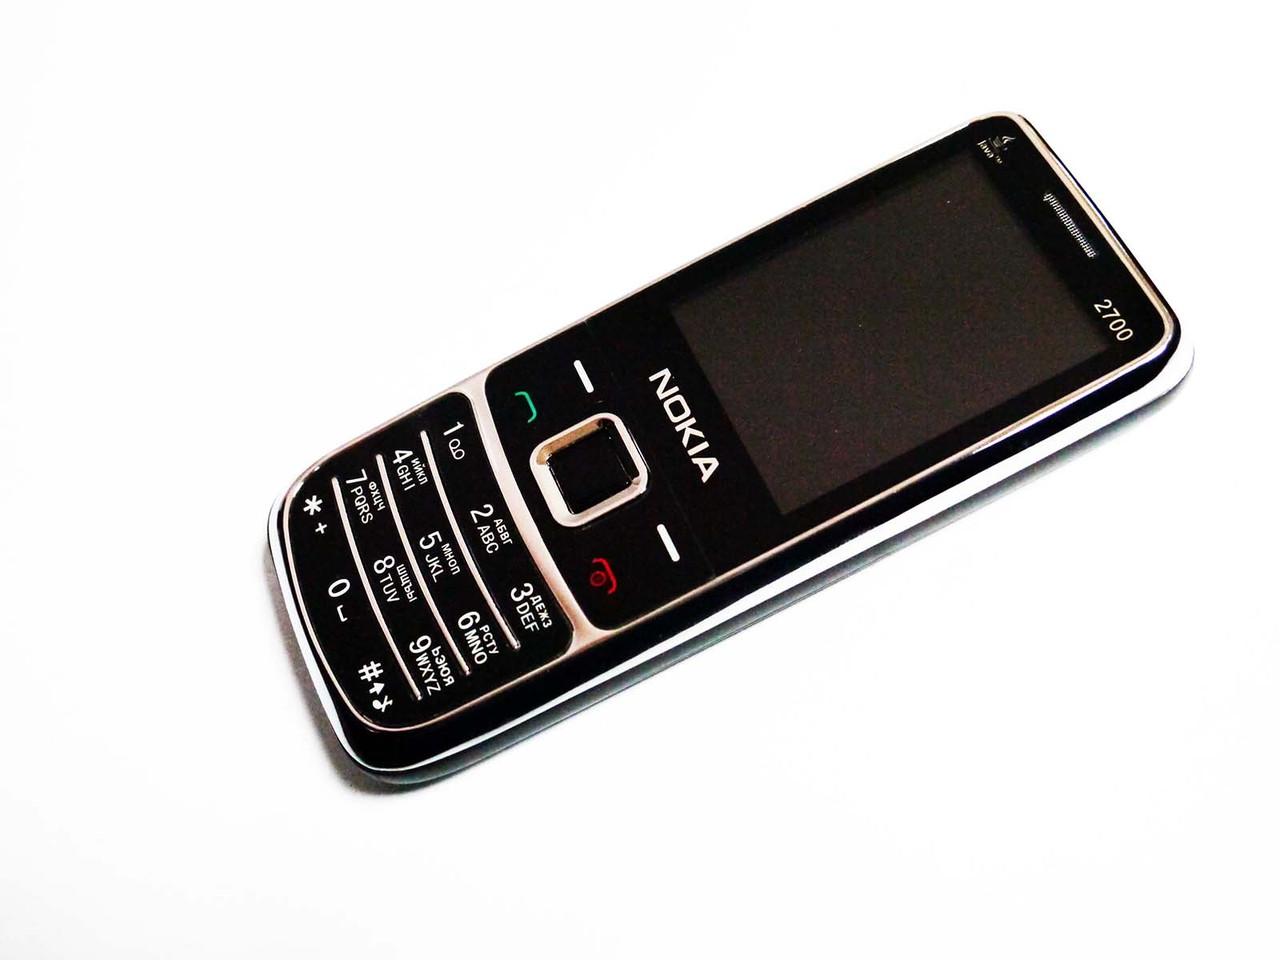 Телефон Nokia 2700 Черный - 2Sim+Camera+FM